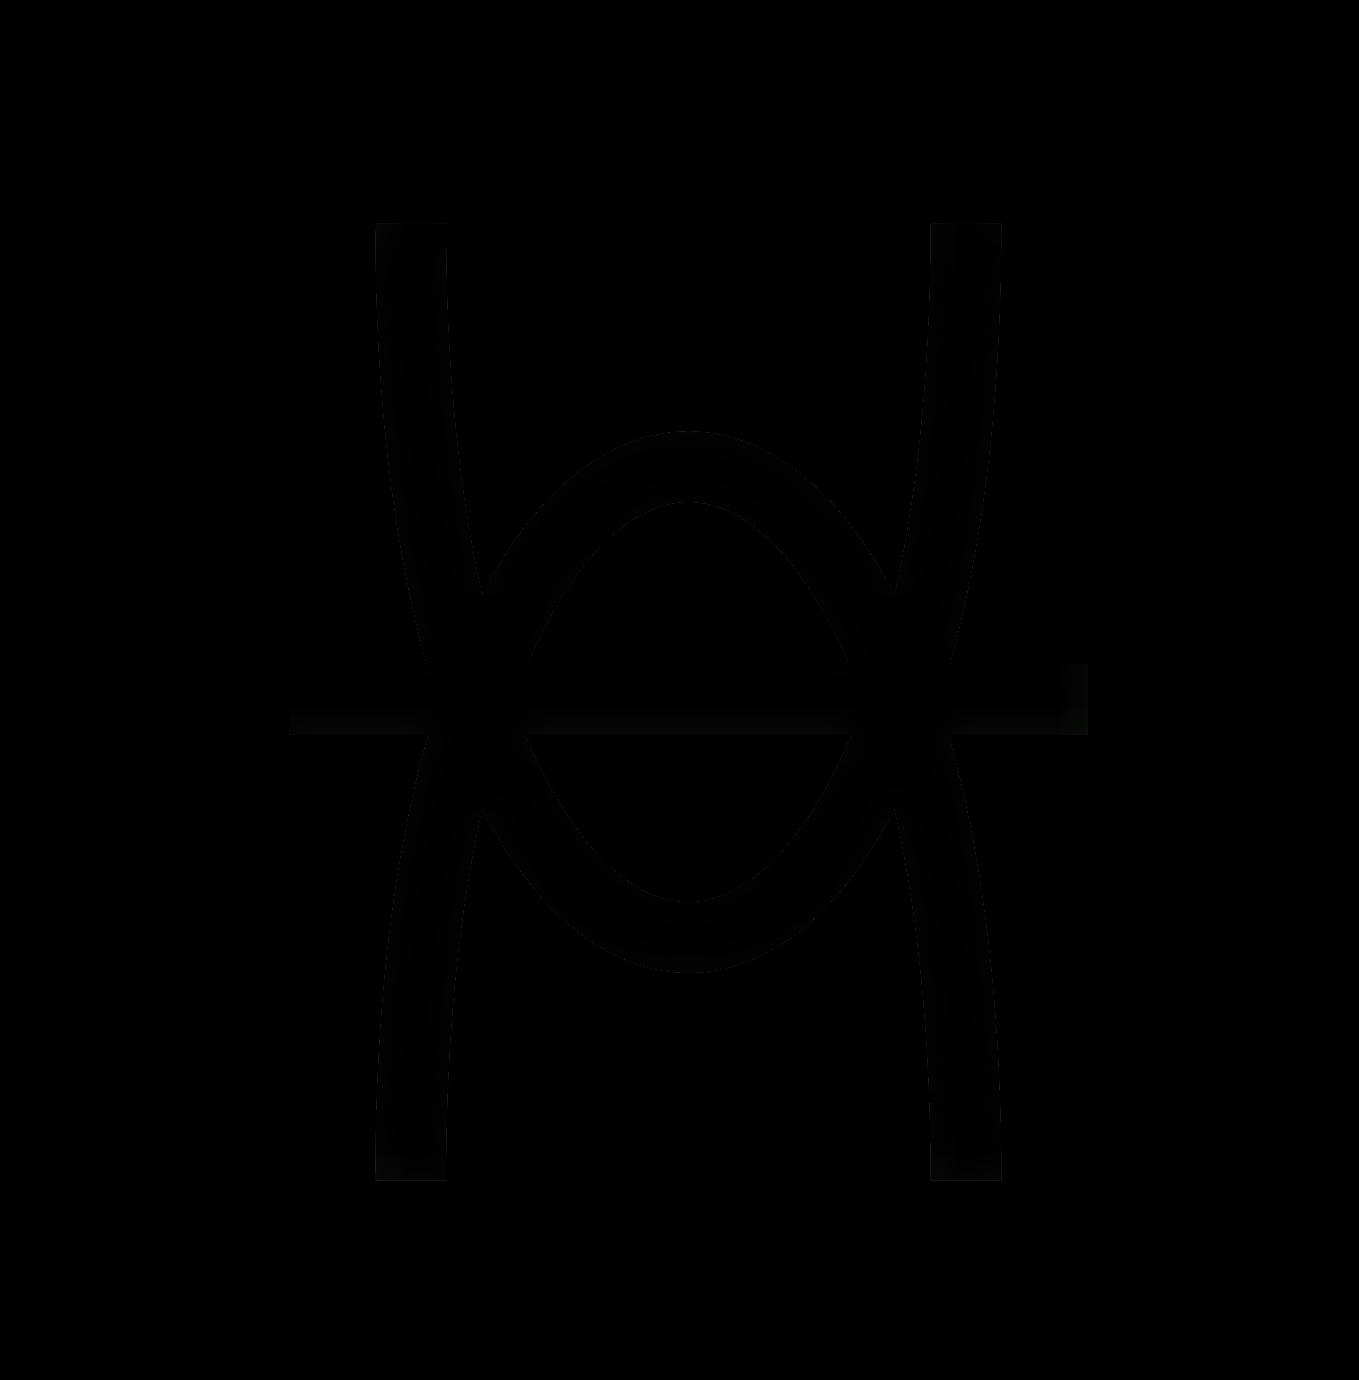 IOU black logo